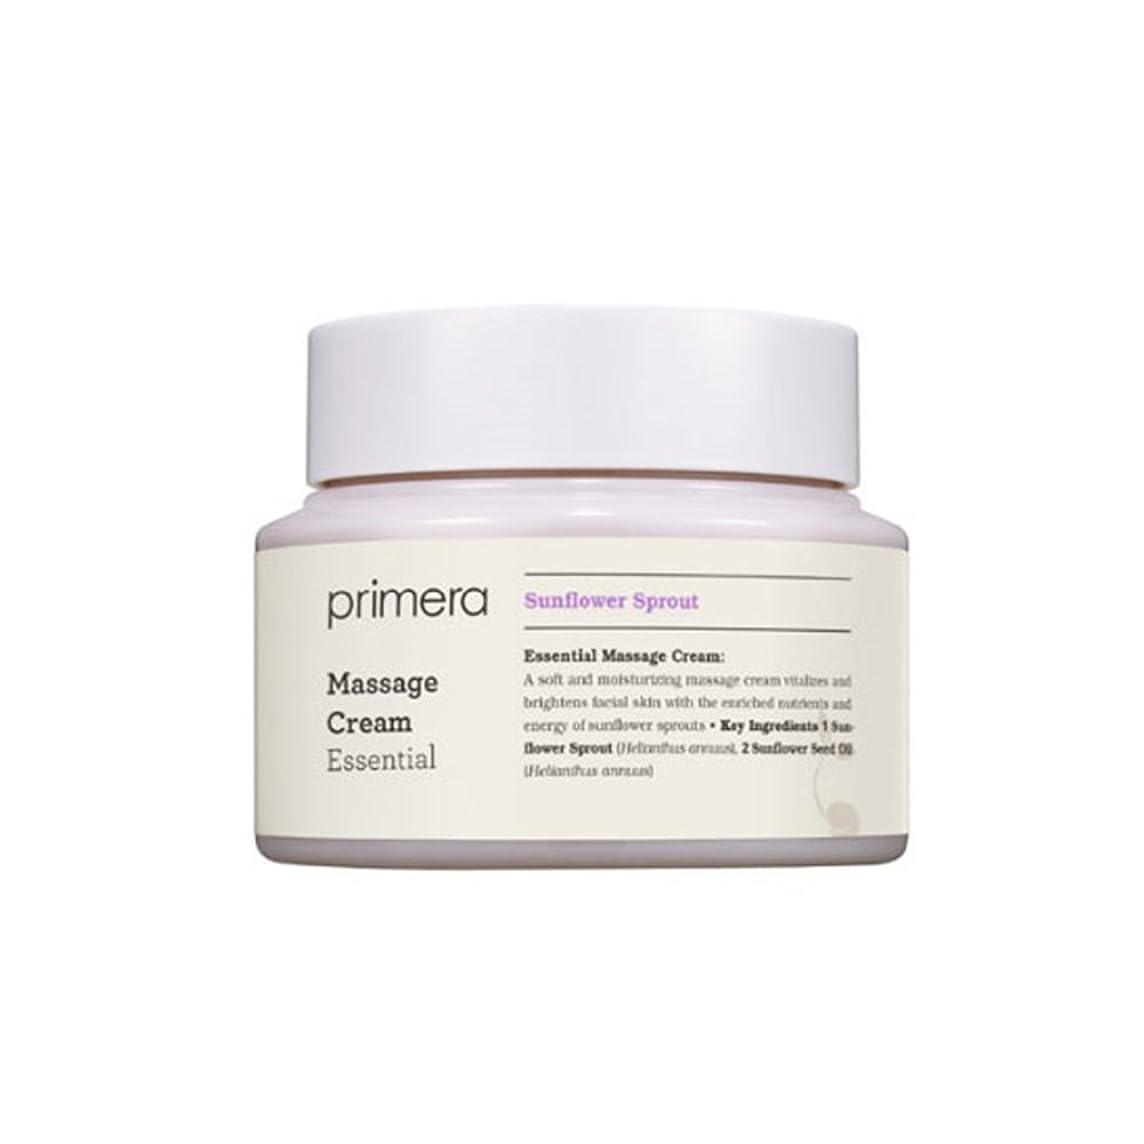 ギャラントリー苗生命体(プリメーラ) PRIMERA エッセンシャルマッサージ クリーム Essential Massage Cream (韓国直発送) oopspanda